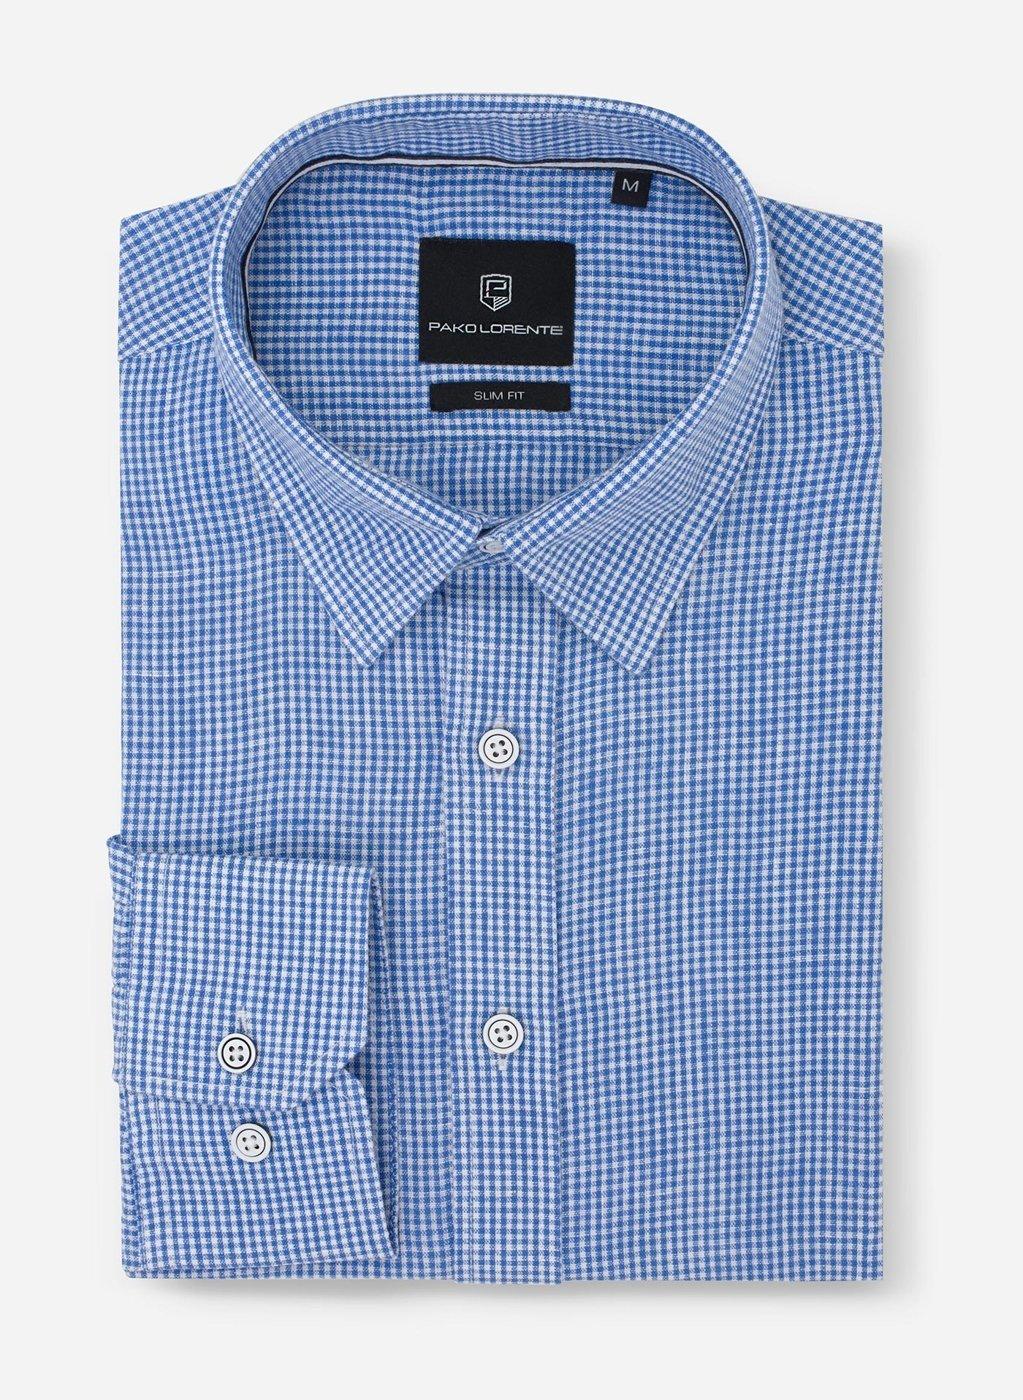 Koszula męska GALAHAD PLM-1X-363-N